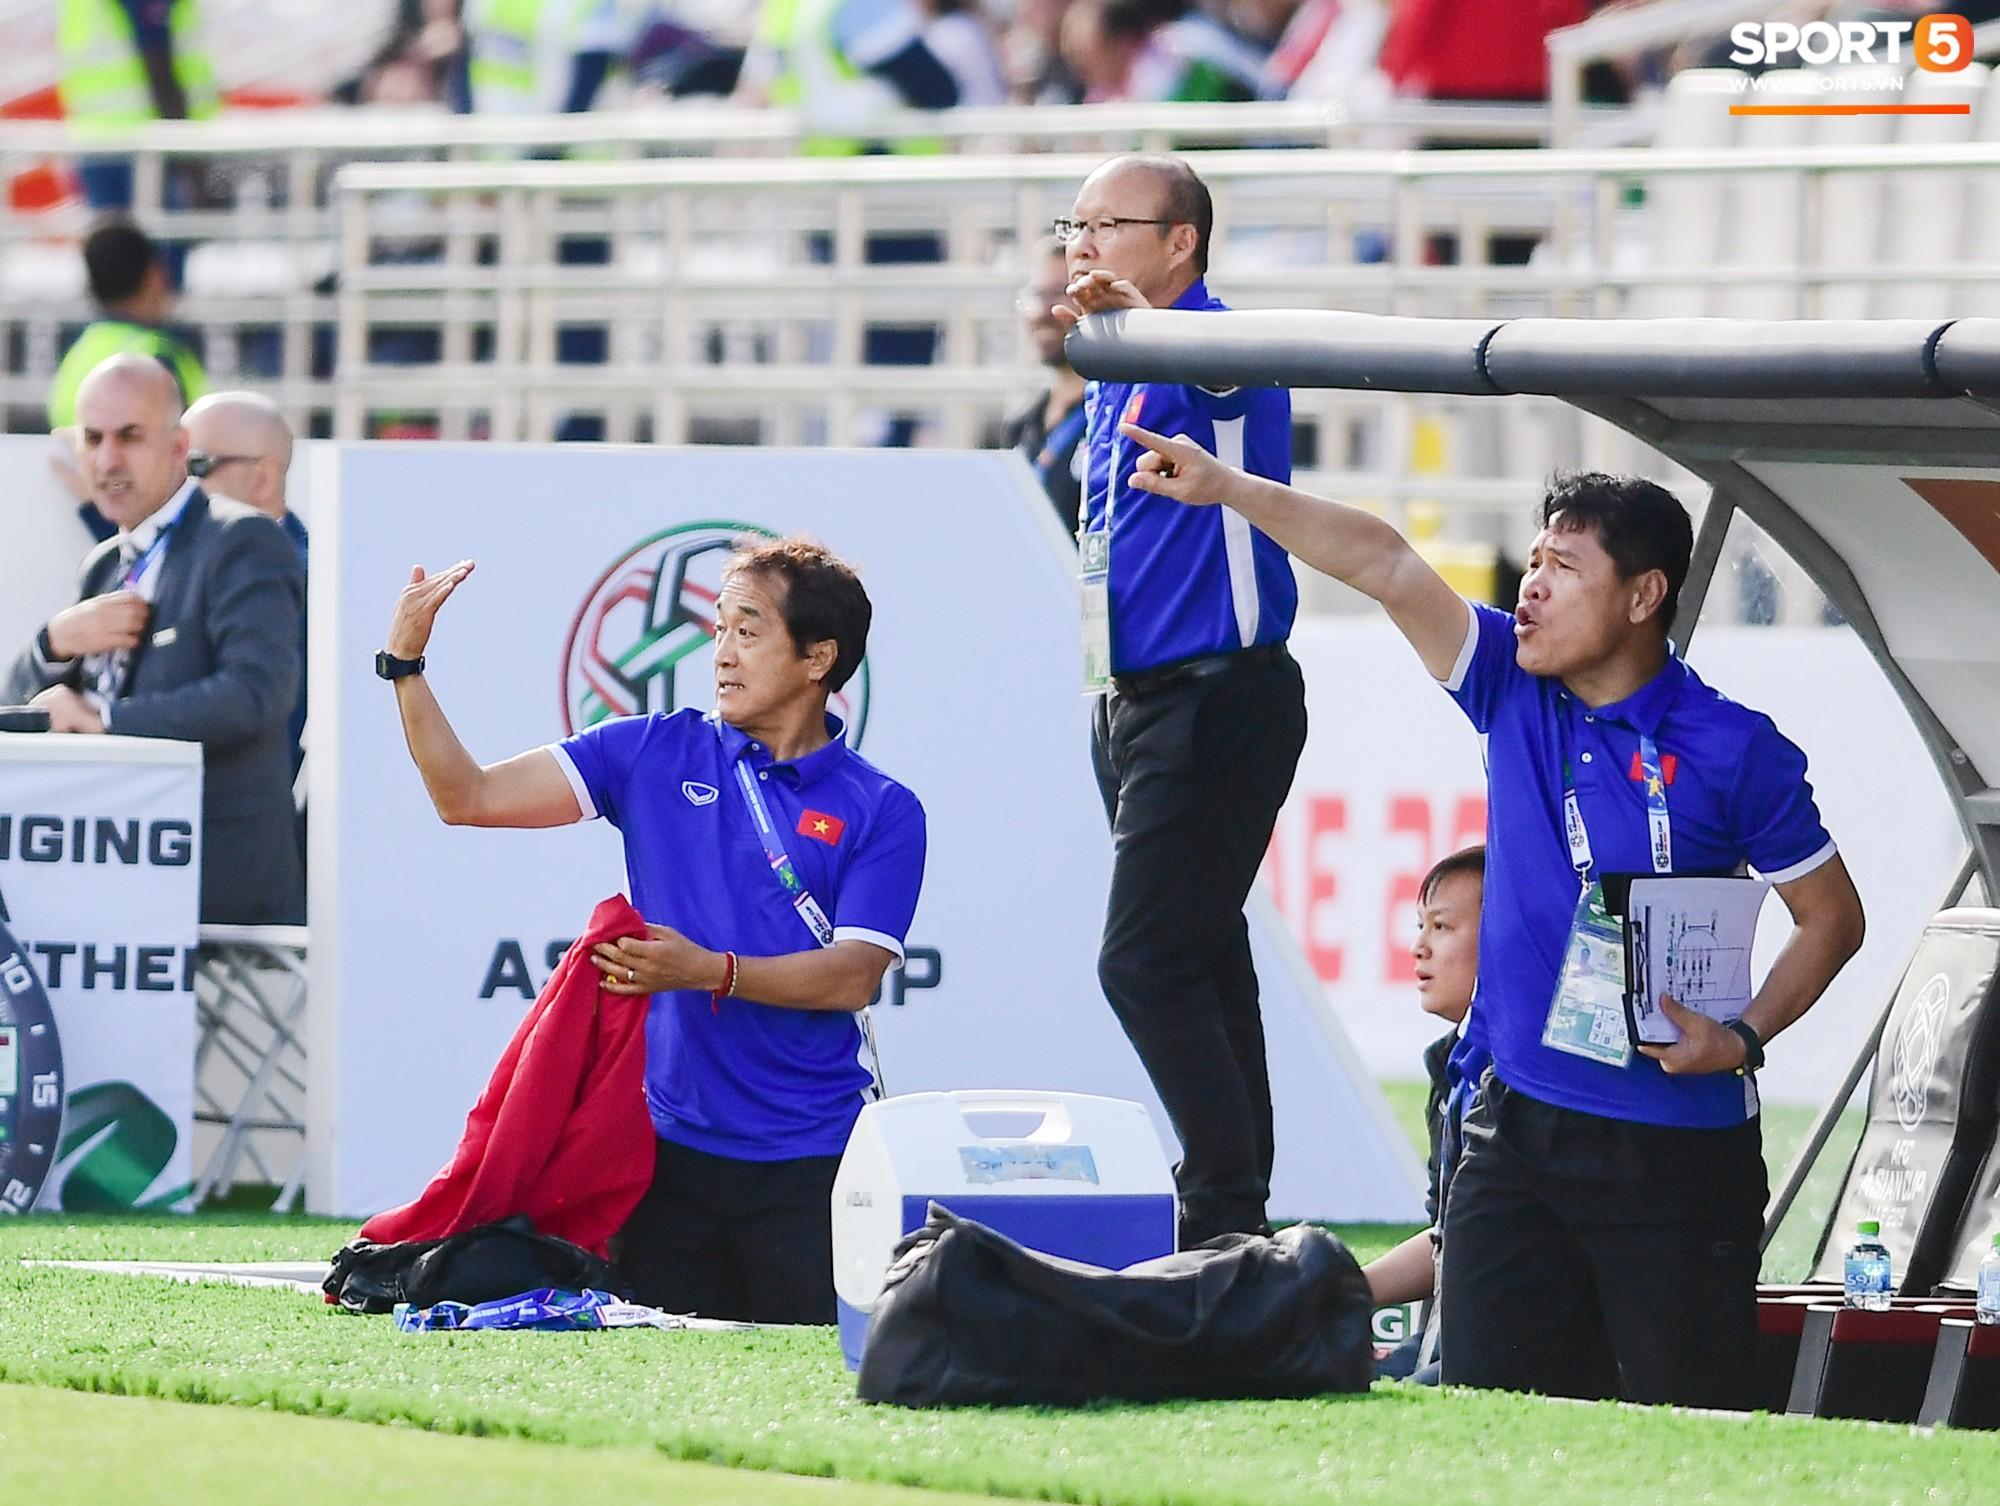 HLV Park Hang-seo nổi nóng với trọng tài, tranh cãi gay gắt với HLV Iran - Ảnh 4.